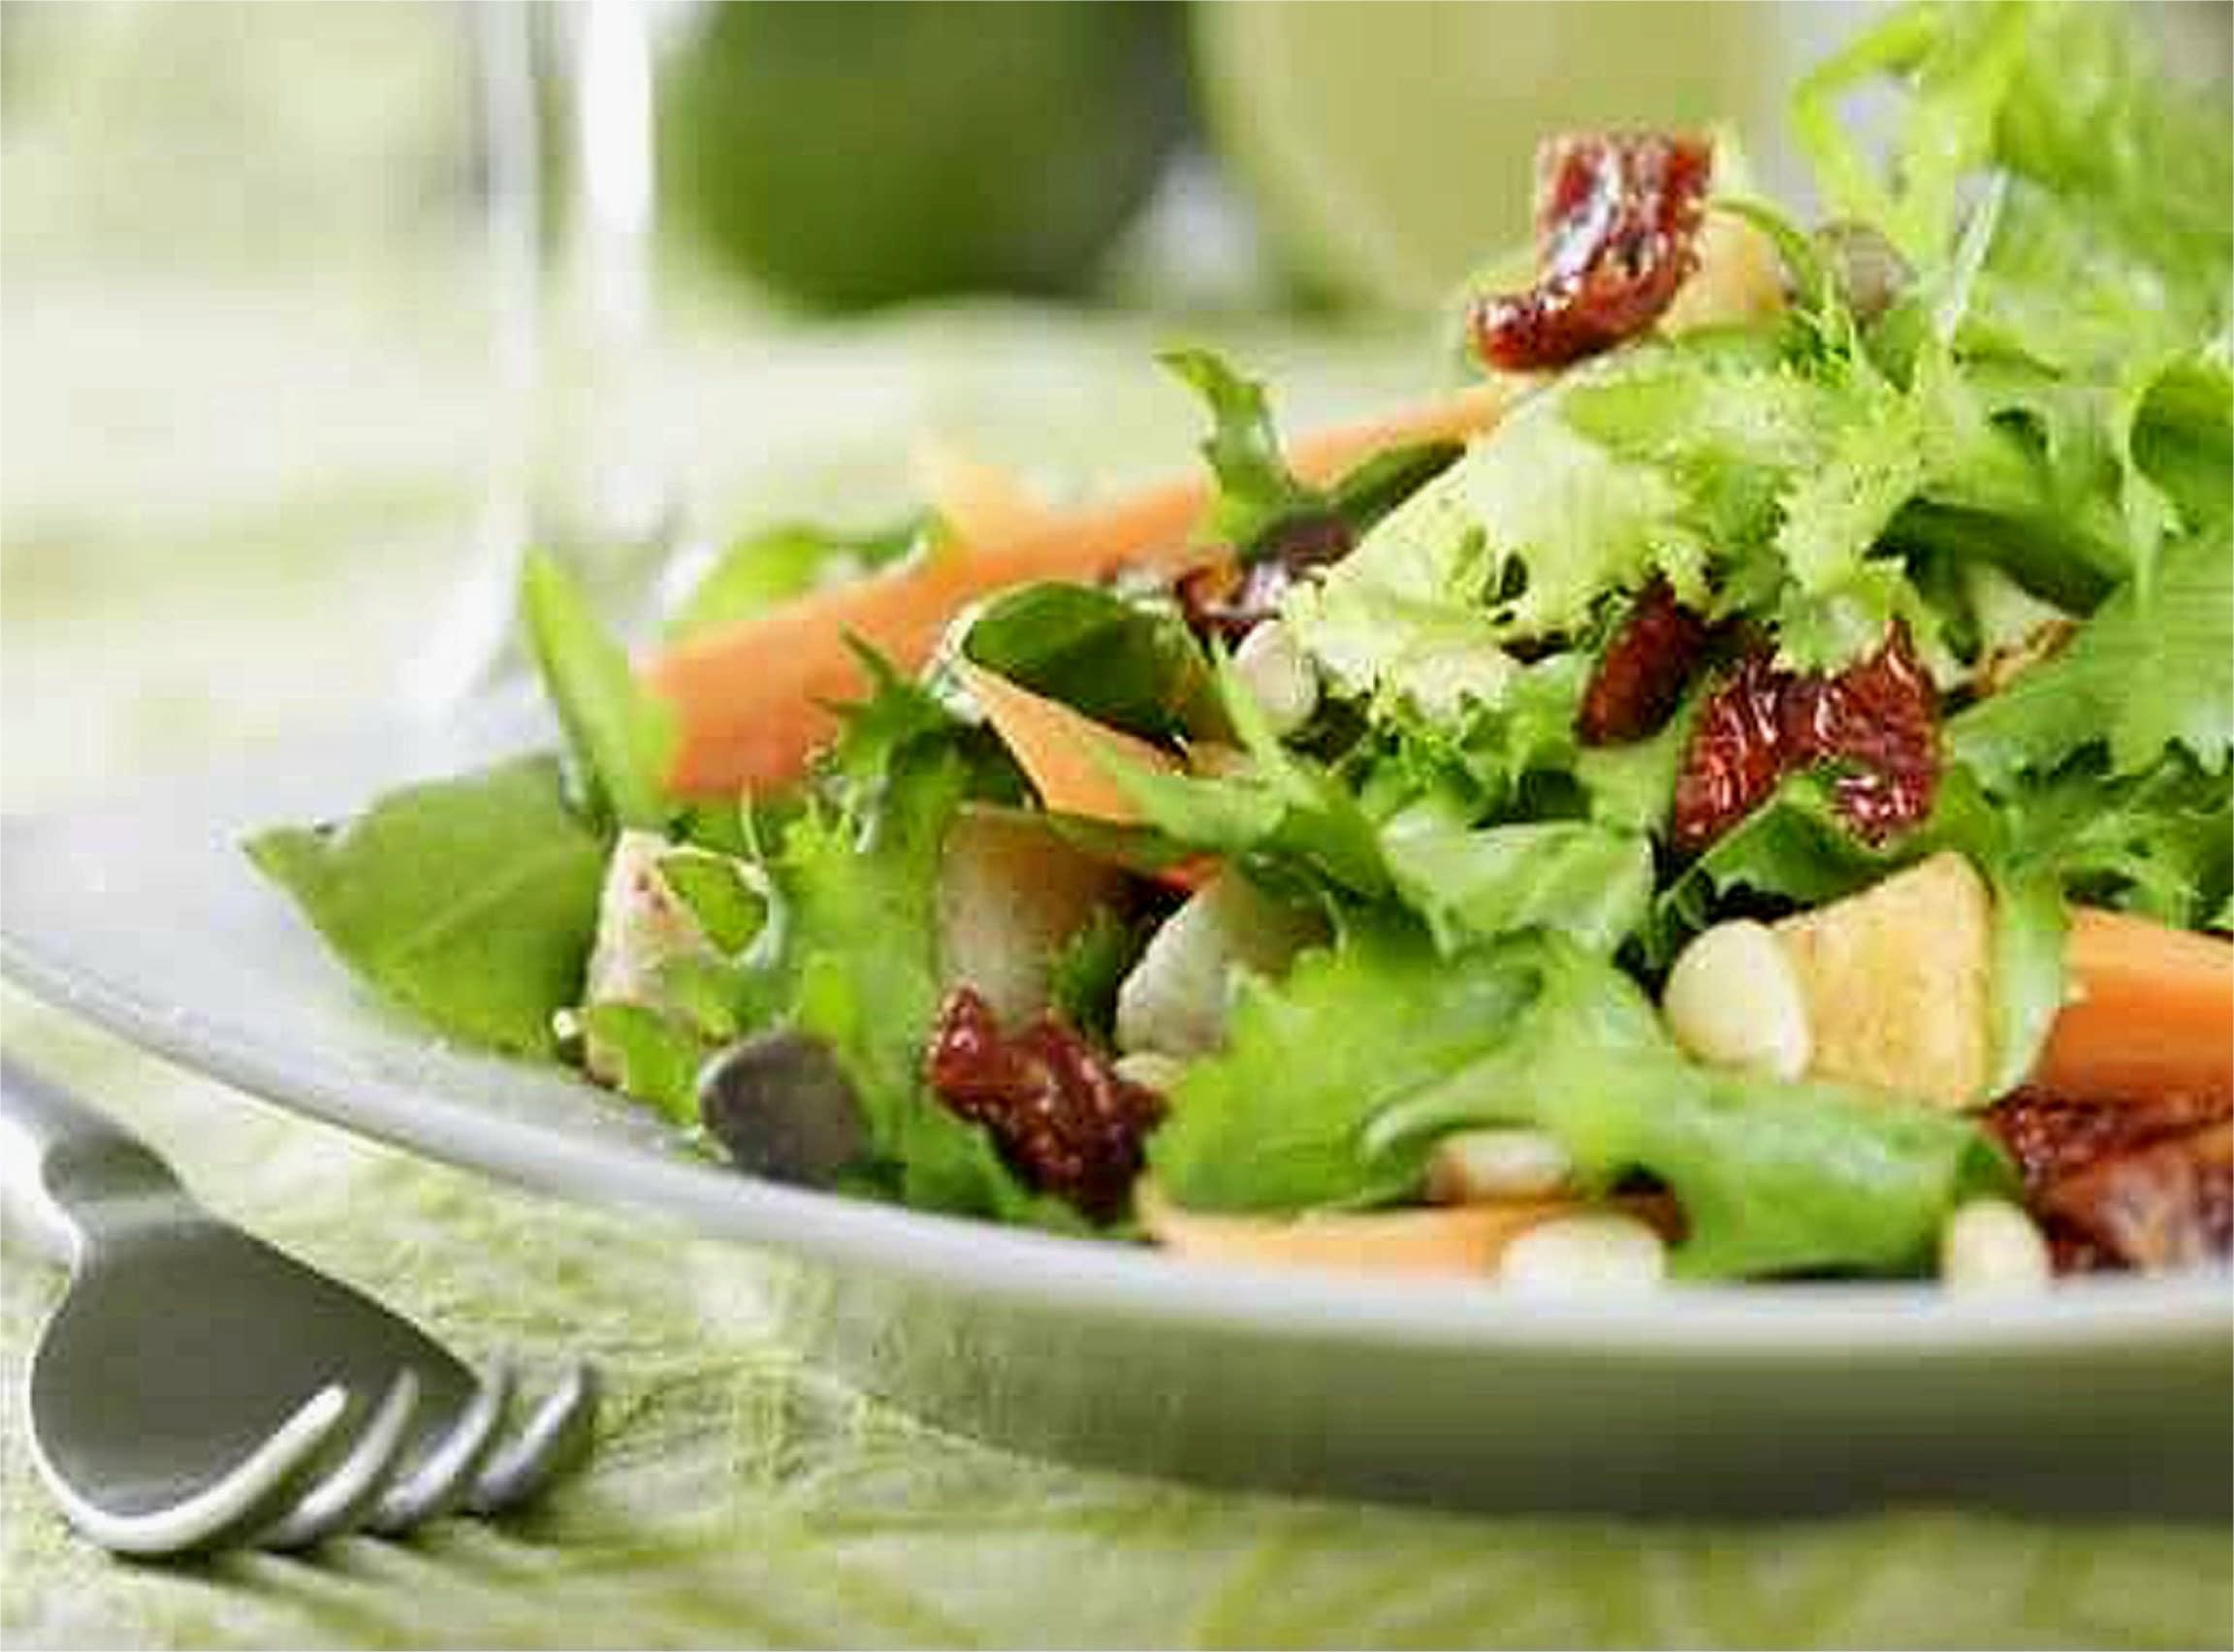 ricette di insalata per dieta